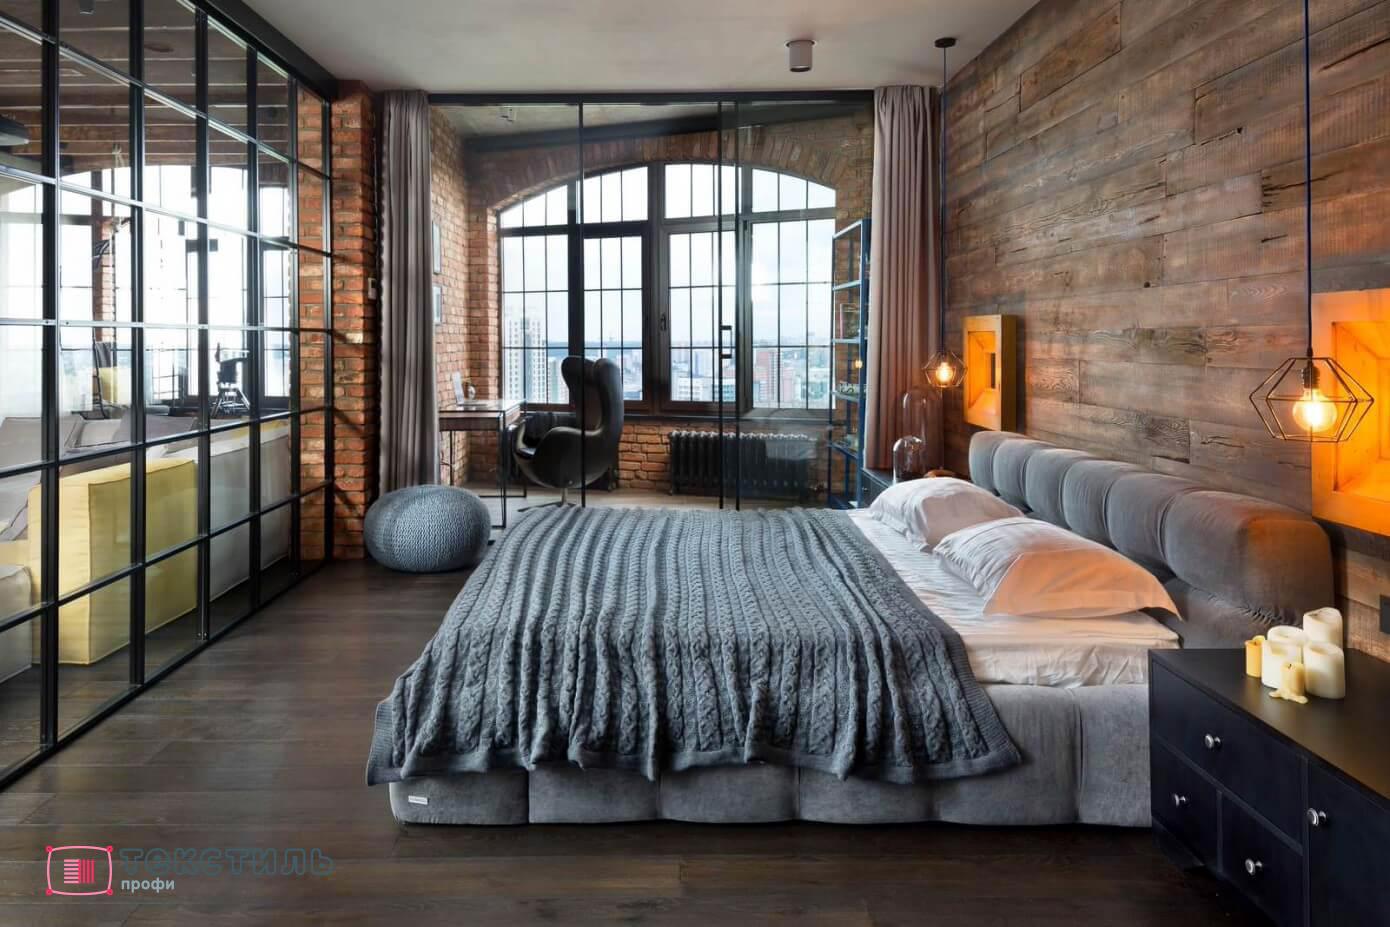 Покрывало, которое дополнит стиль любой комнаты: от лофта до бохо